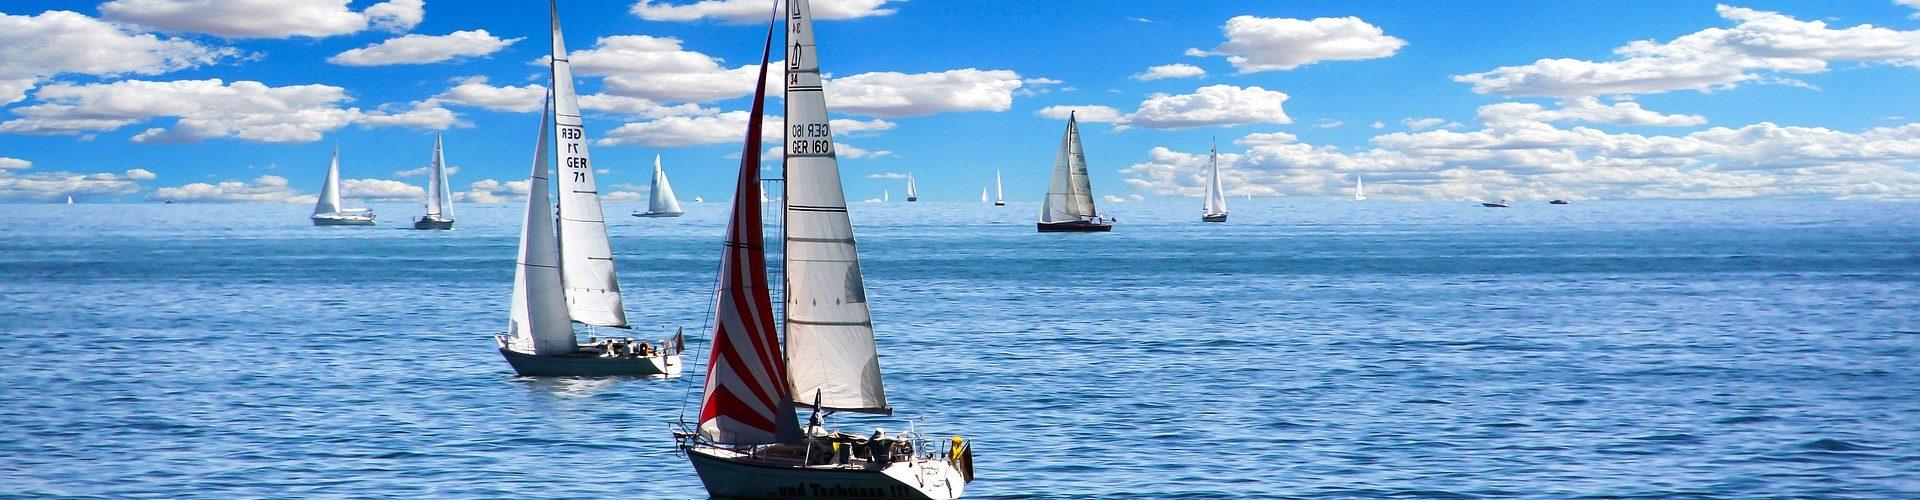 segeln lernen in Langenselbold segelschein machen in Langenselbold 1920x500 - Segeln lernen in Langenselbold